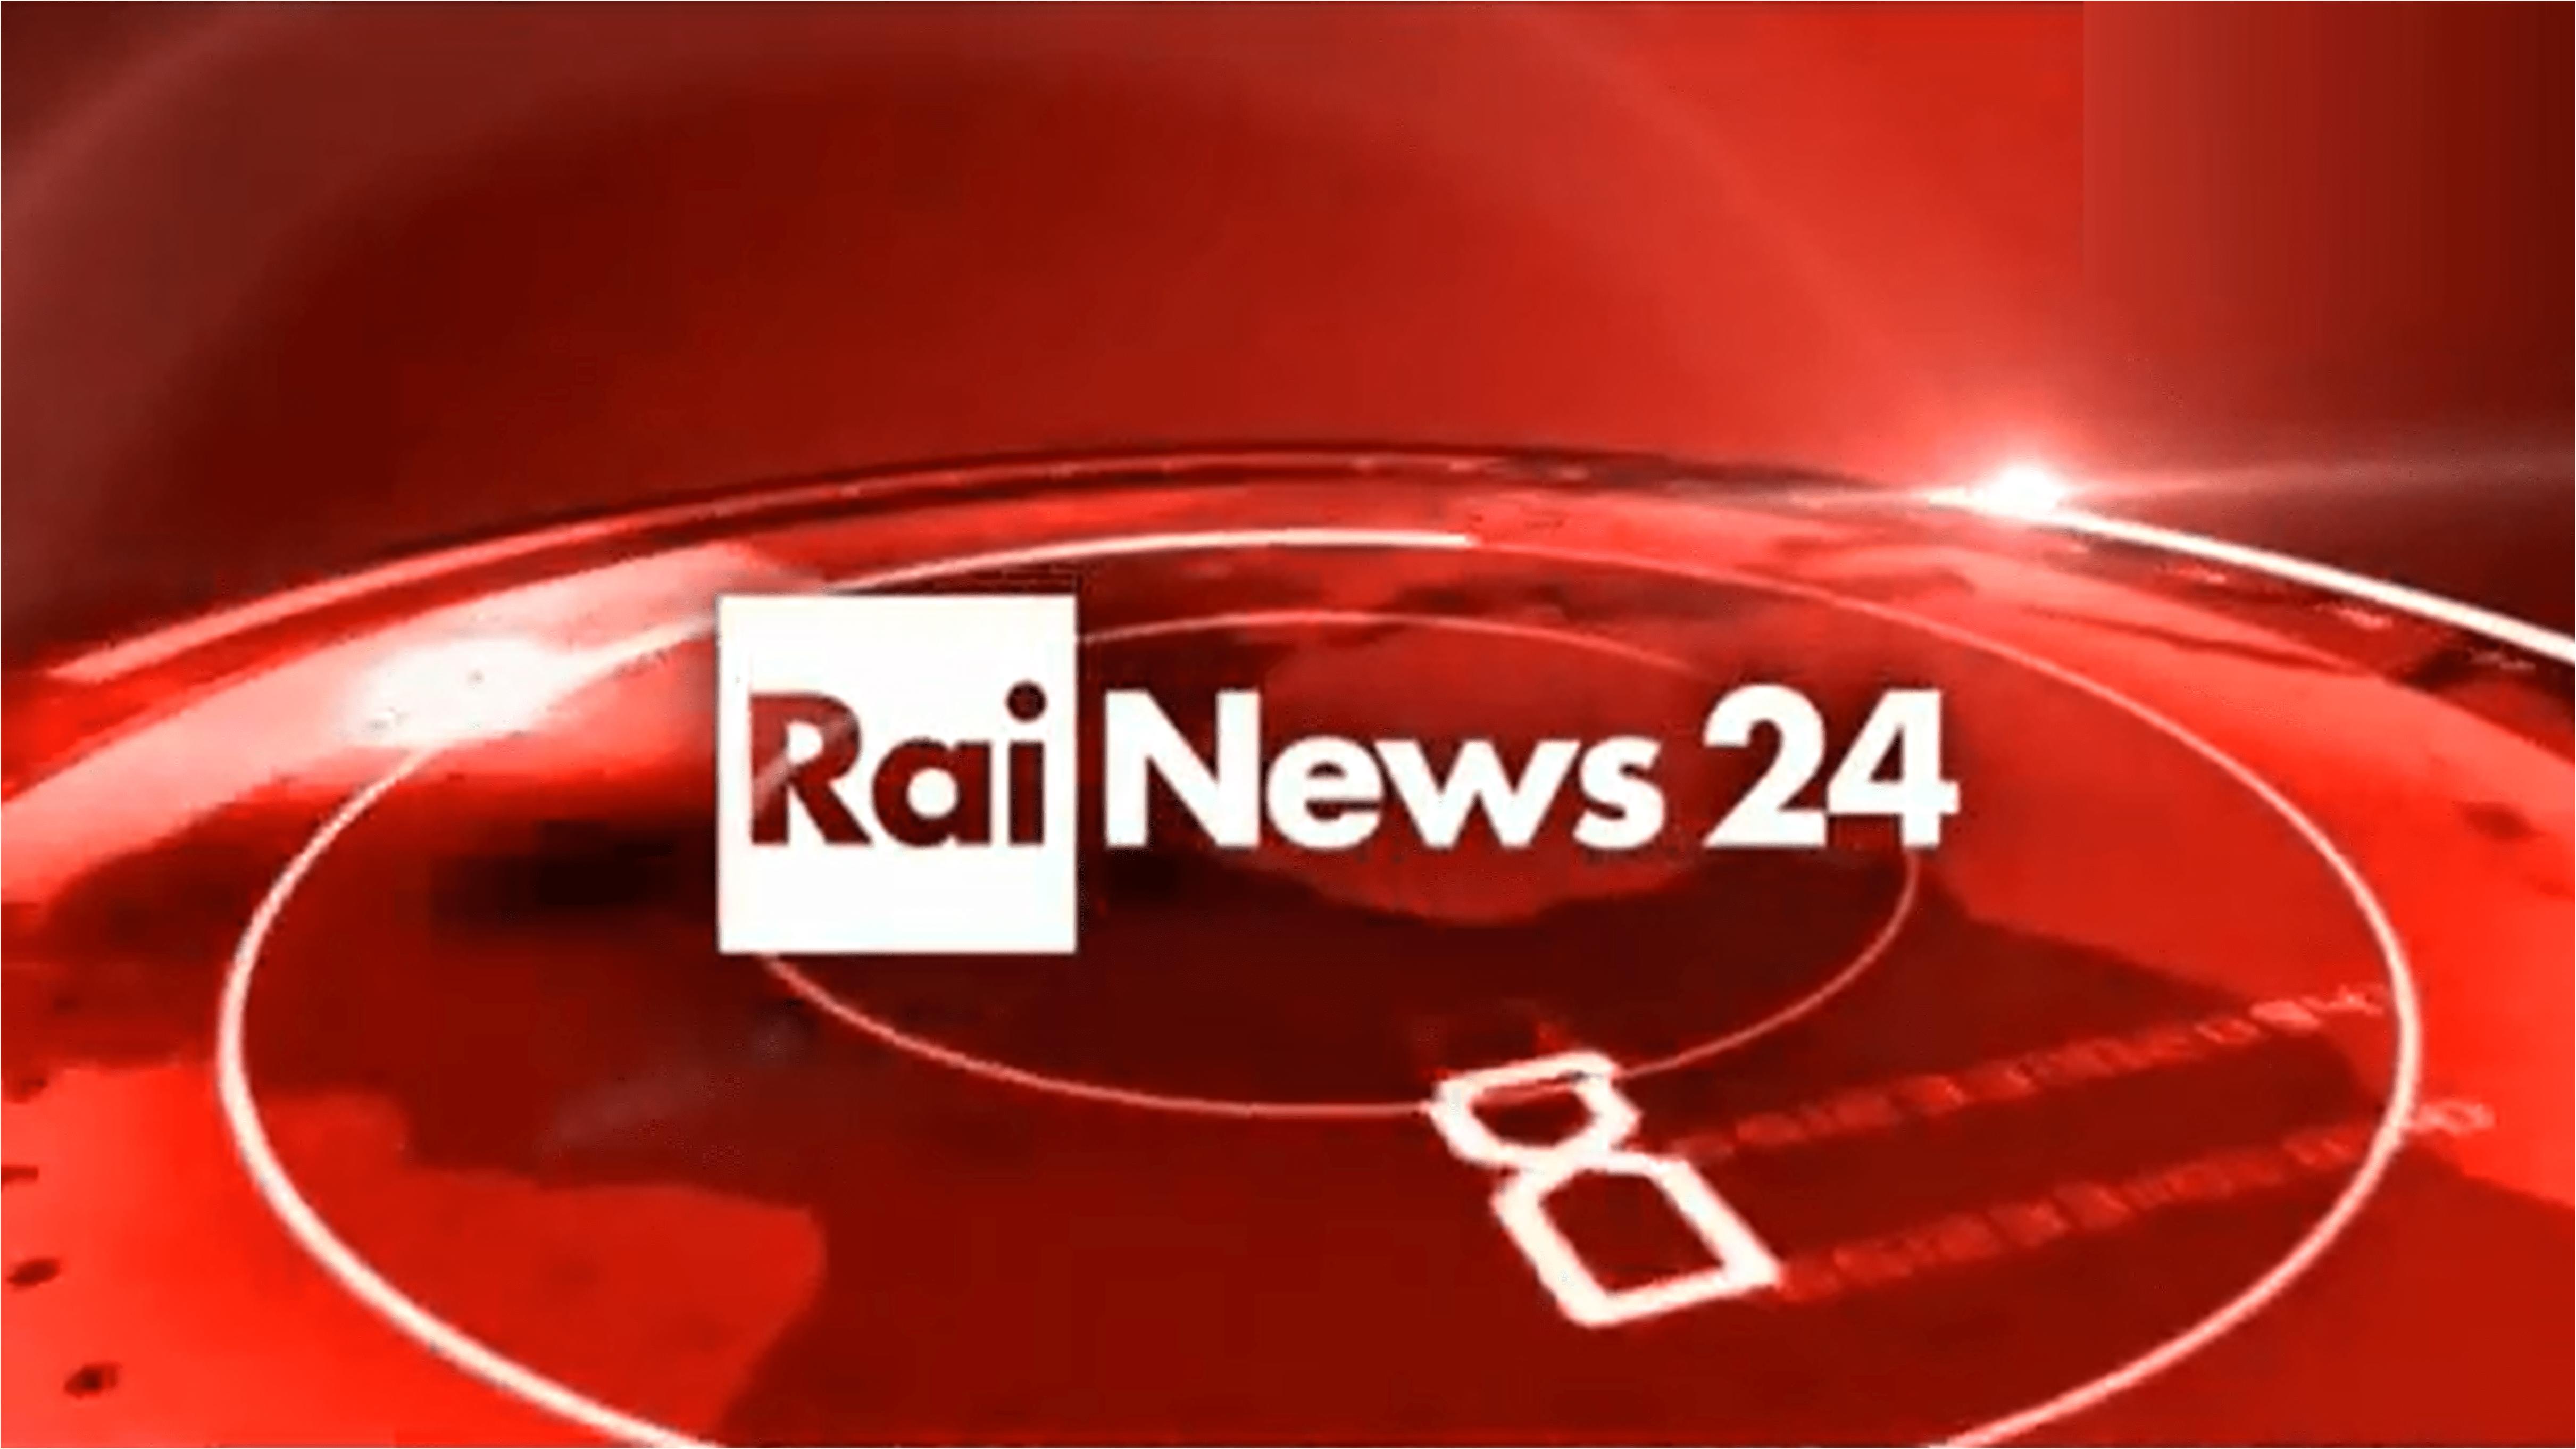 Rai contro Sky: ricorso pronto dopo l'acquisto del canale 27